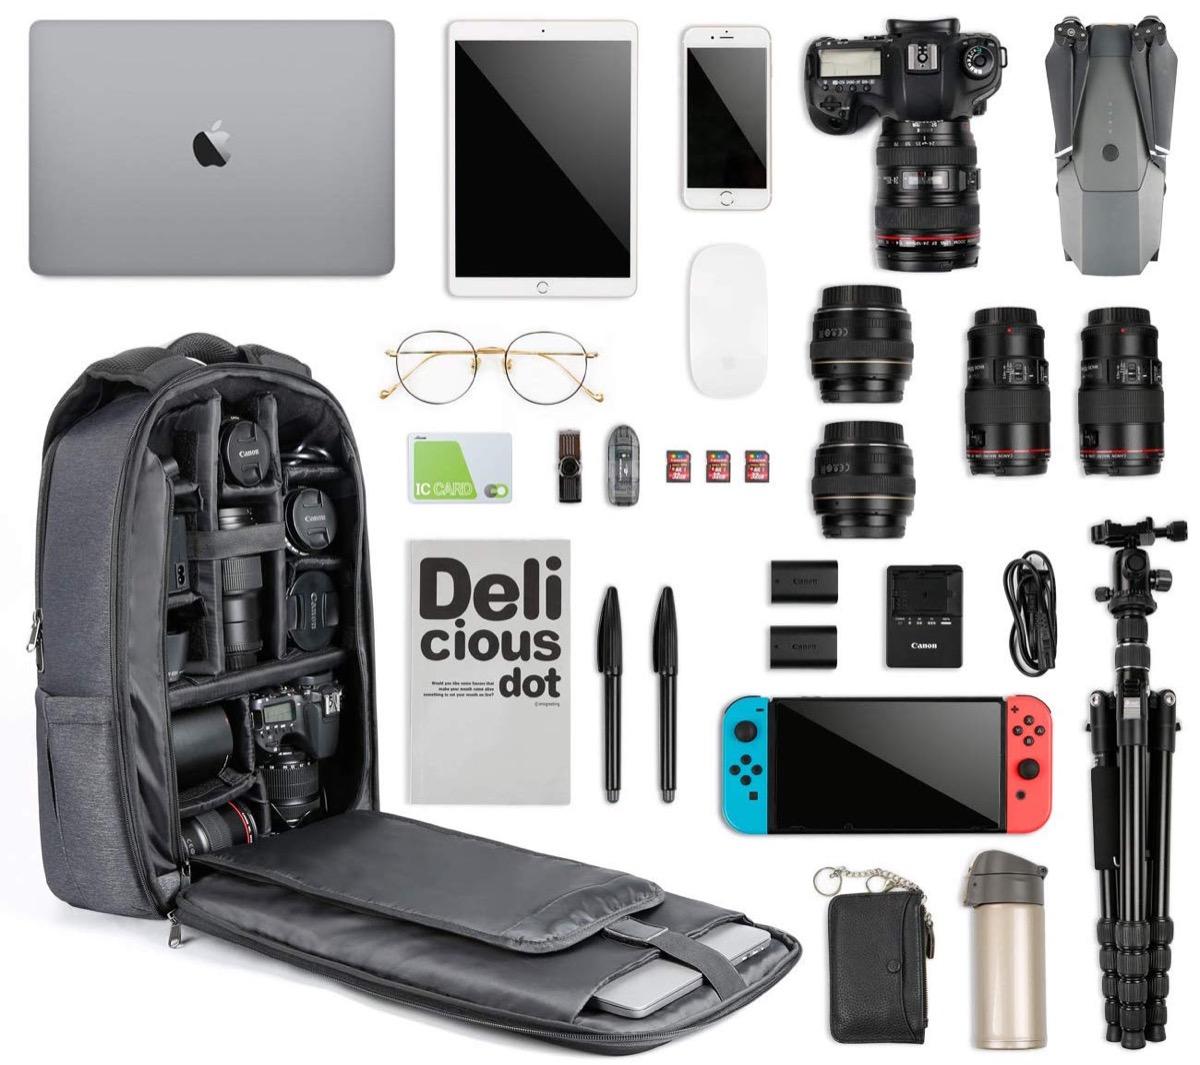 """Zaino fotografico Inateck con slot per portatili 15"""": sconto a 58,39 euro"""